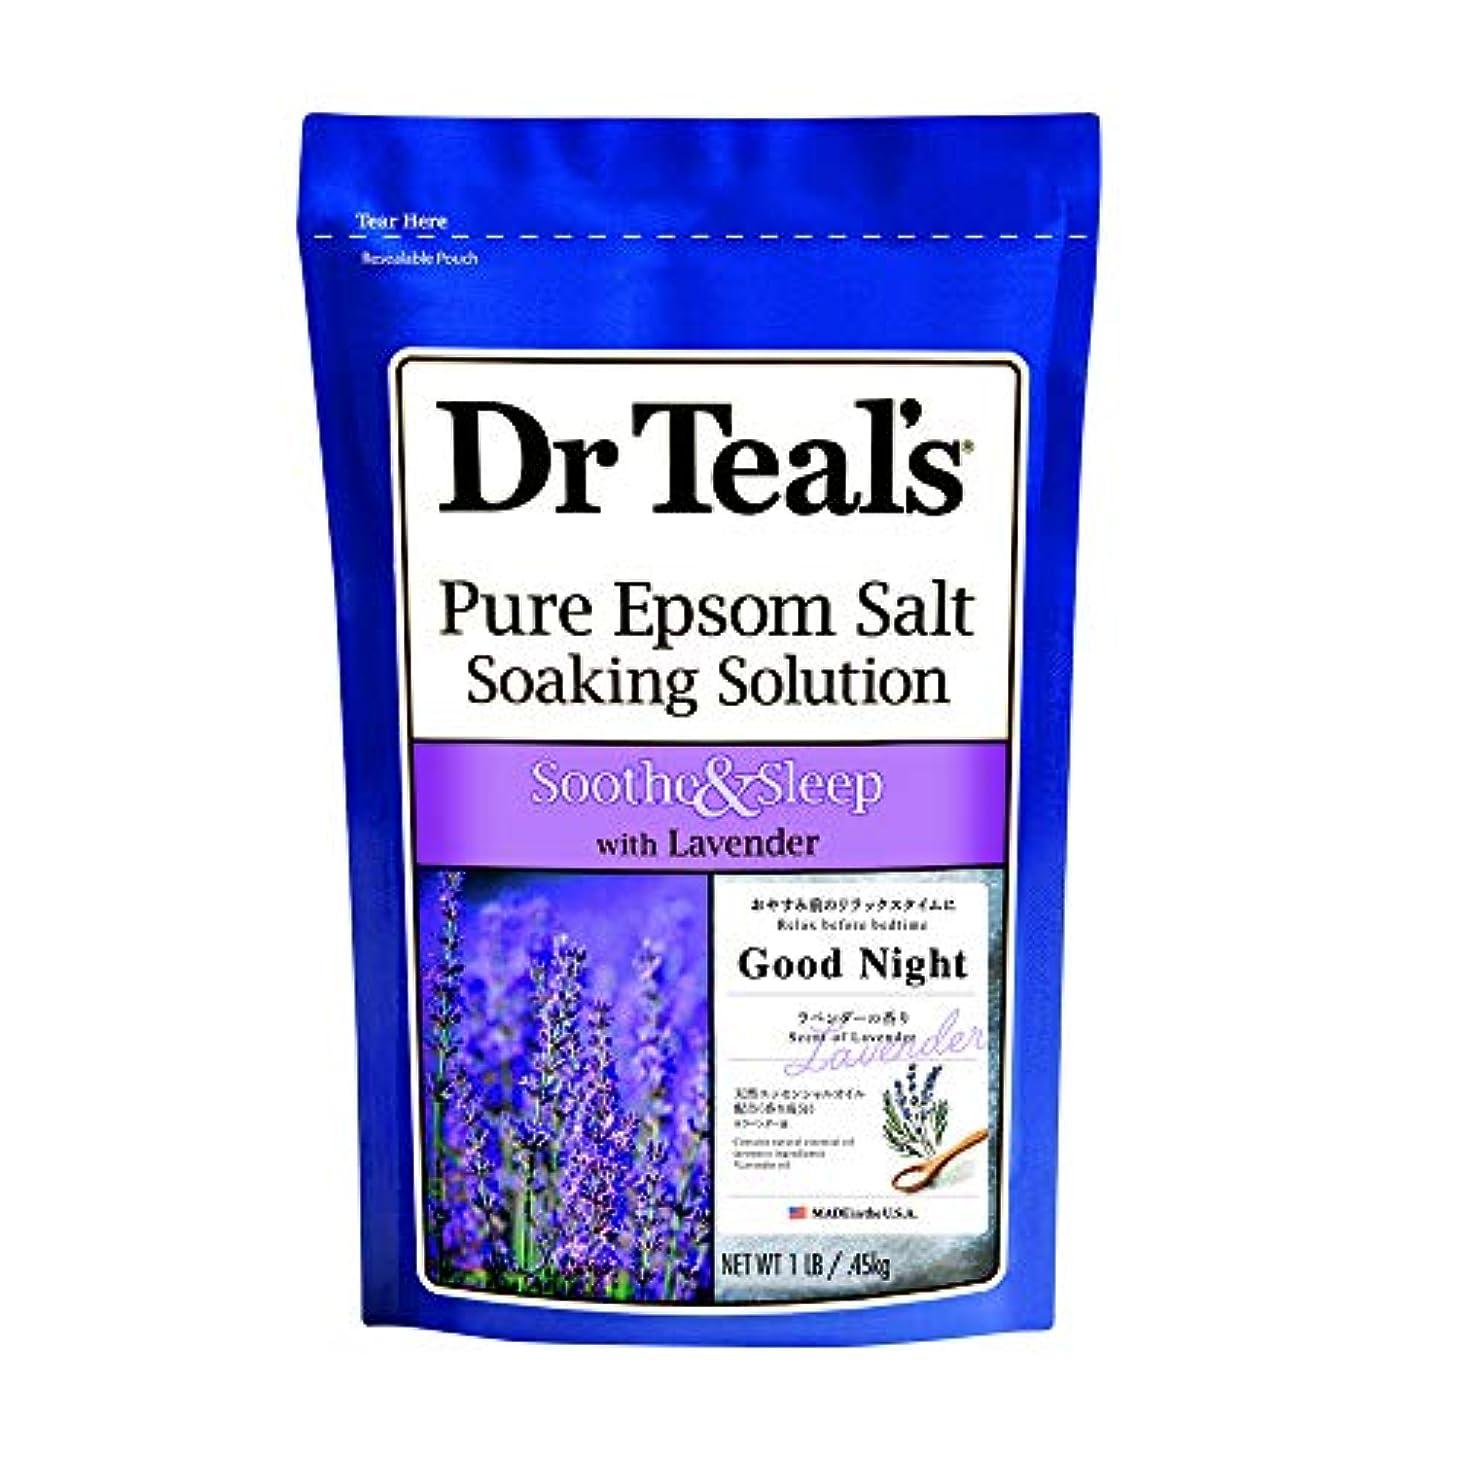 有効な二度シーサイドDr Teal's(ティールズ) フレグランスエプソムソルト ラベンダー 入浴剤 453g